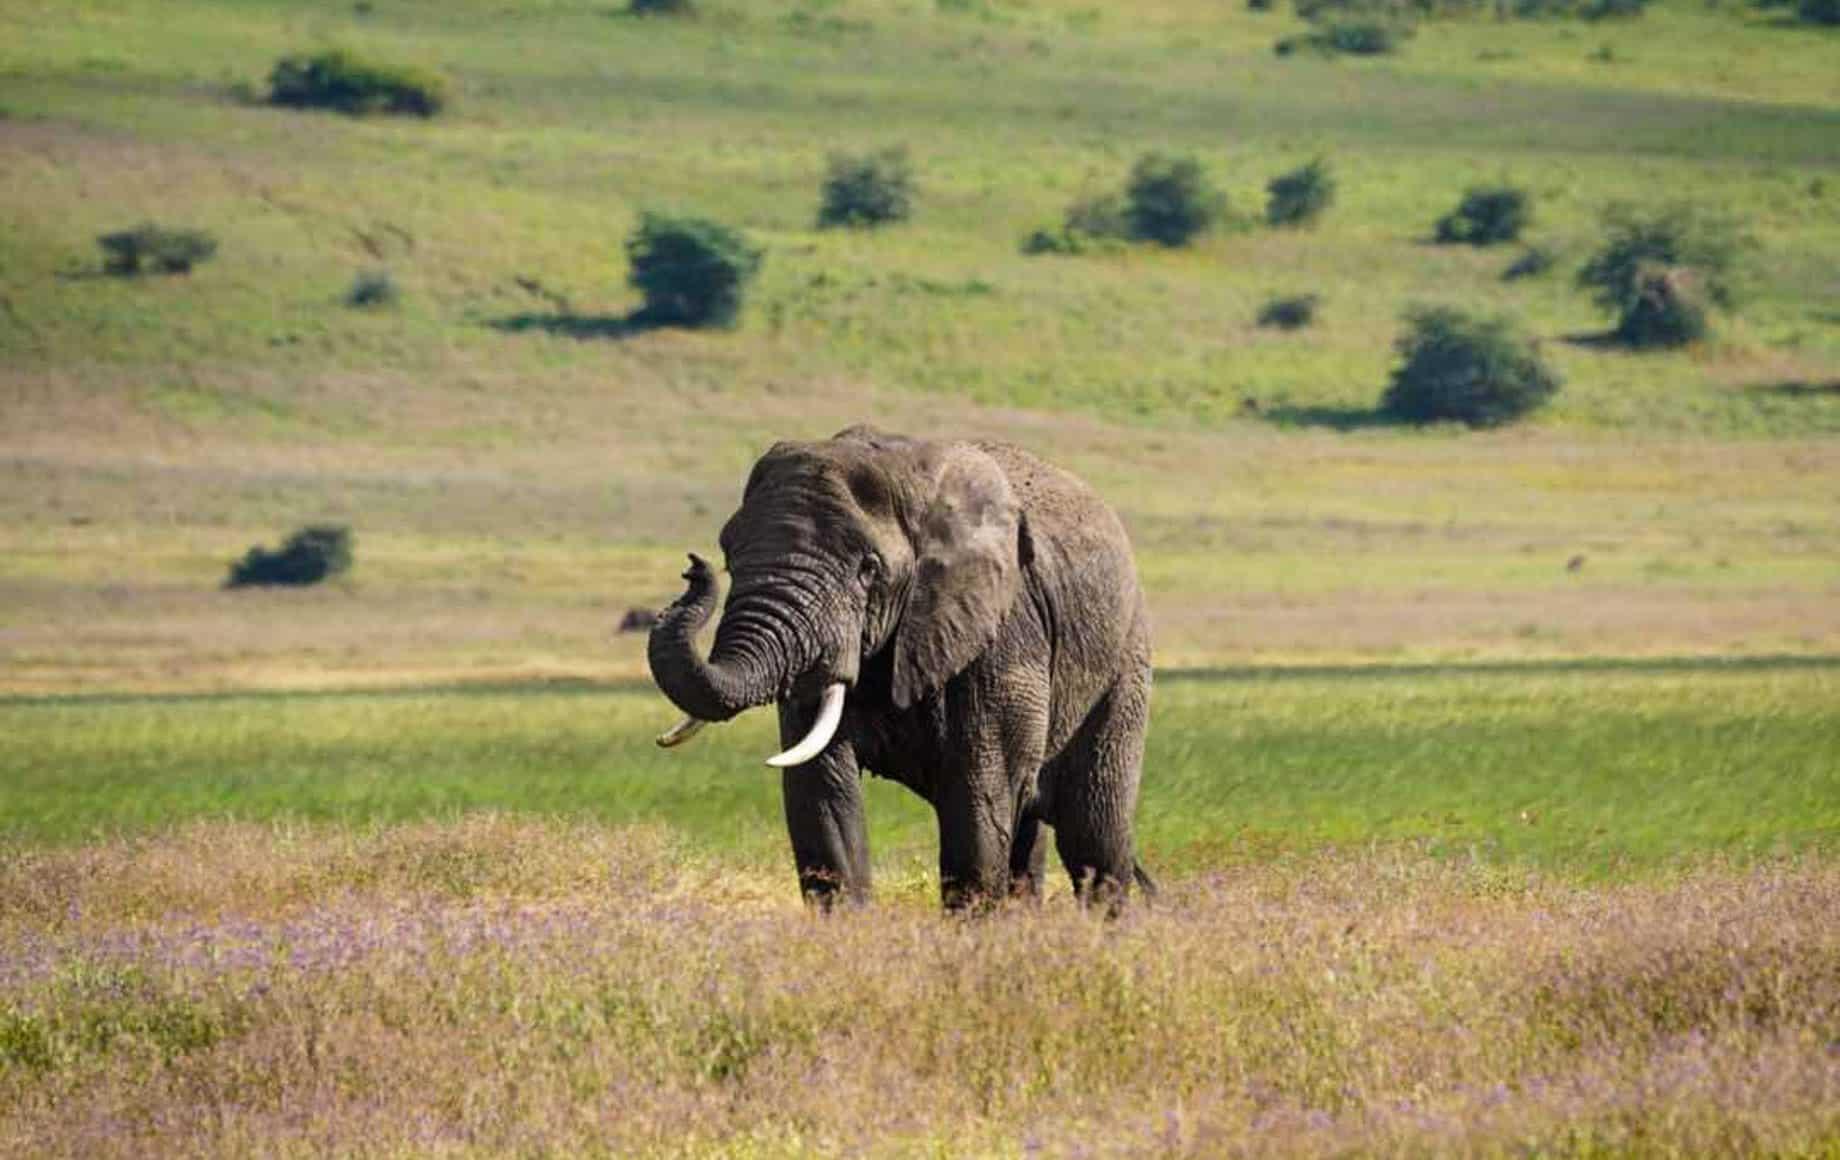 Elephant roaming around Lake Manyara National Park